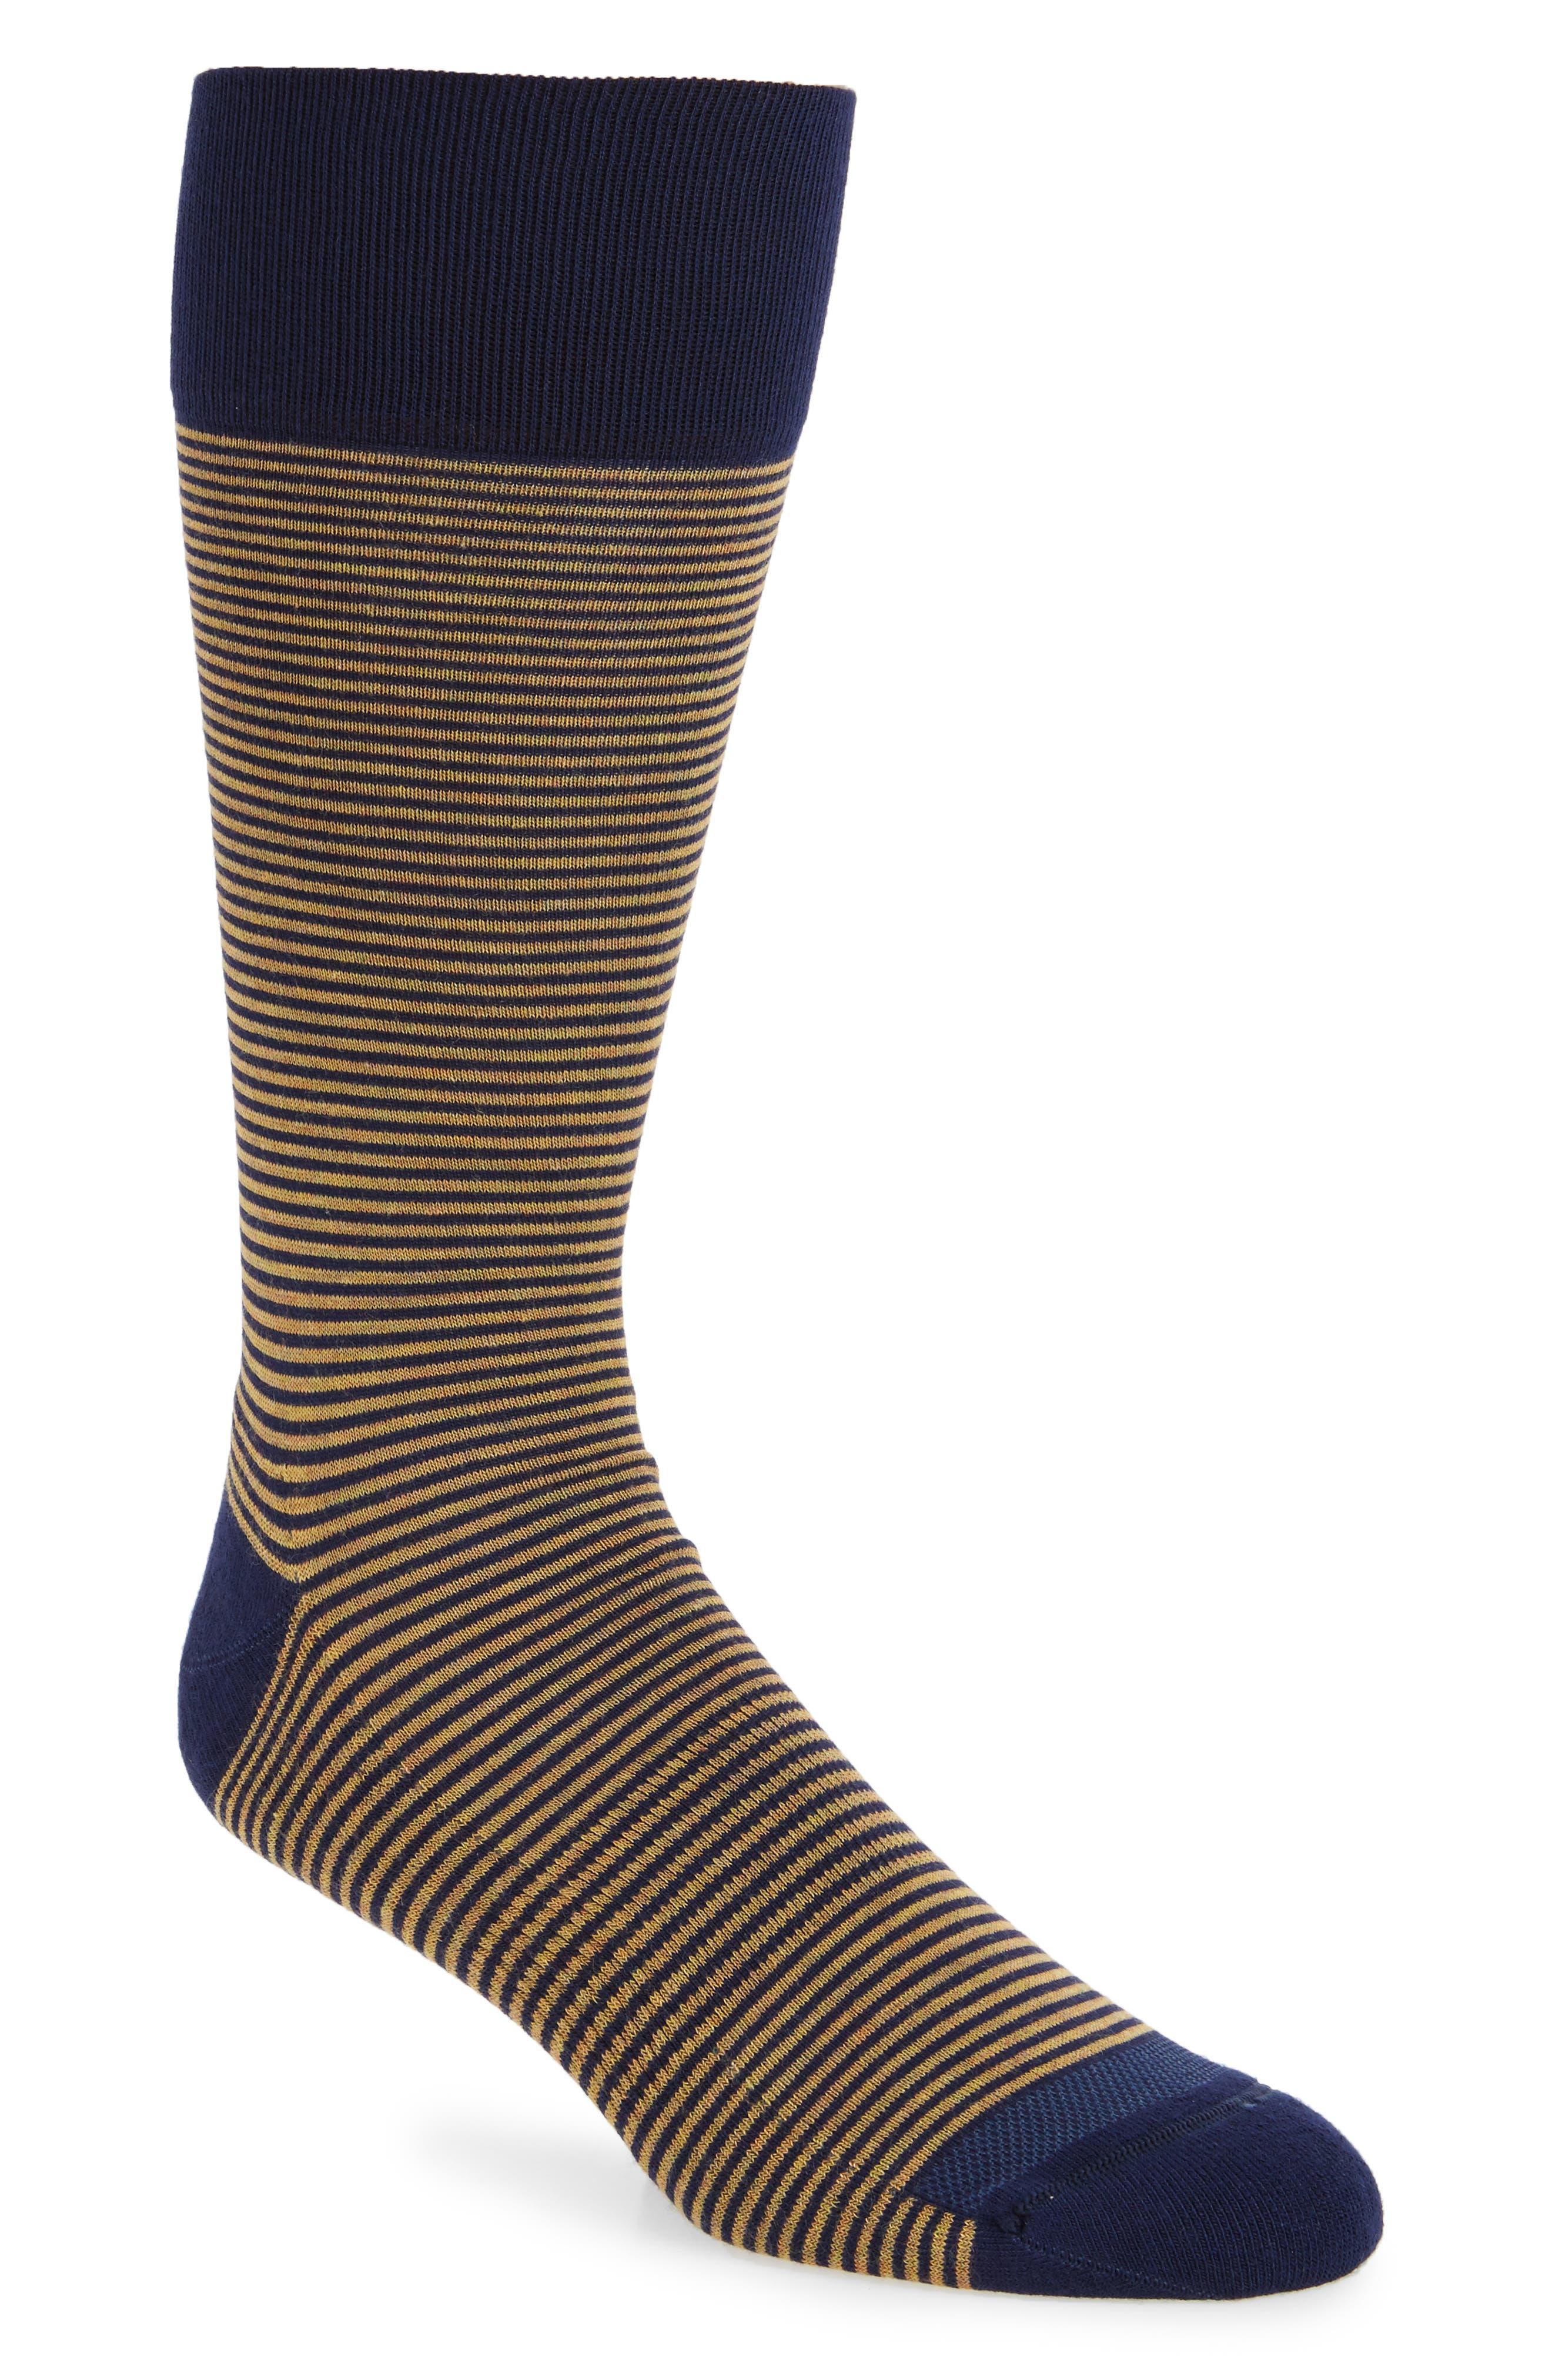 Feeder Stripe Socks,                             Main thumbnail 1, color,                             Navy/ Gold